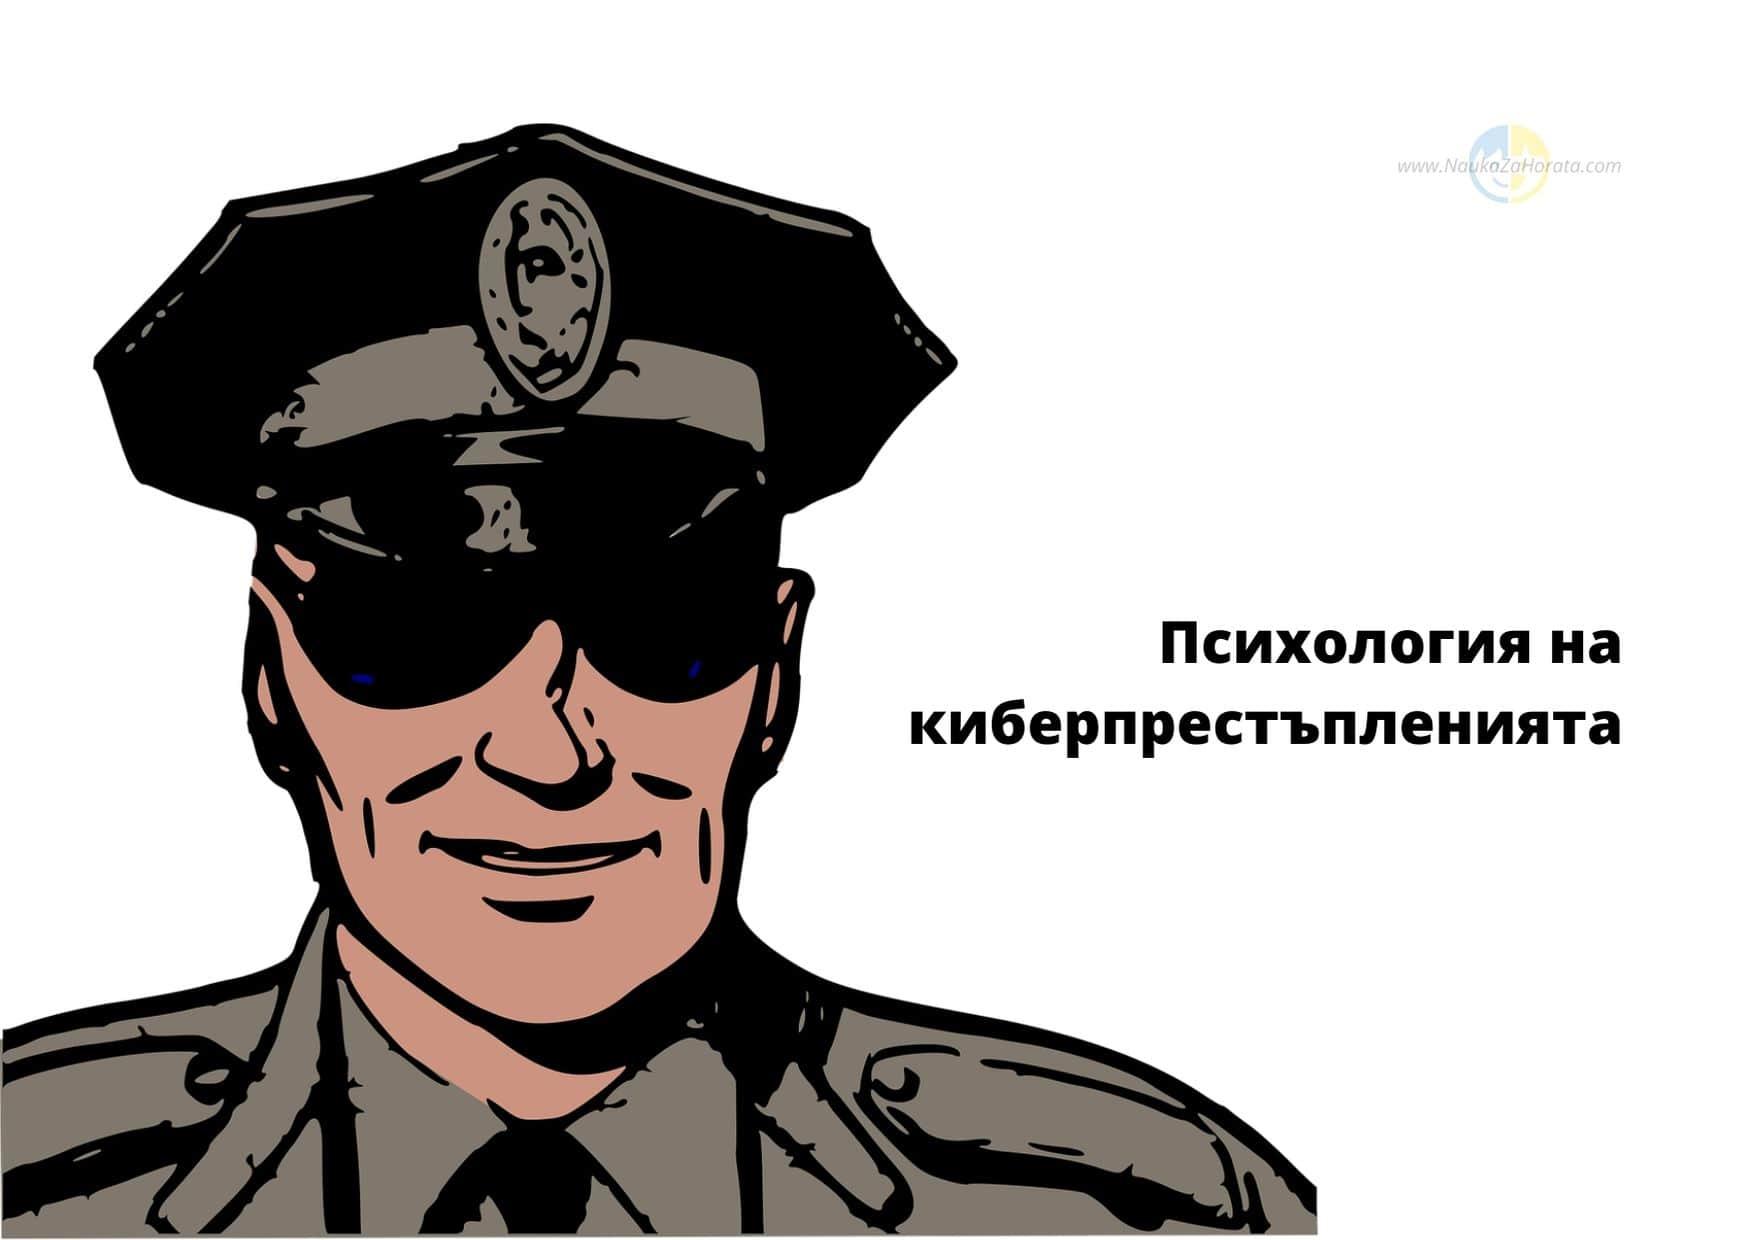 Психология на киберпрестъпленията полицай